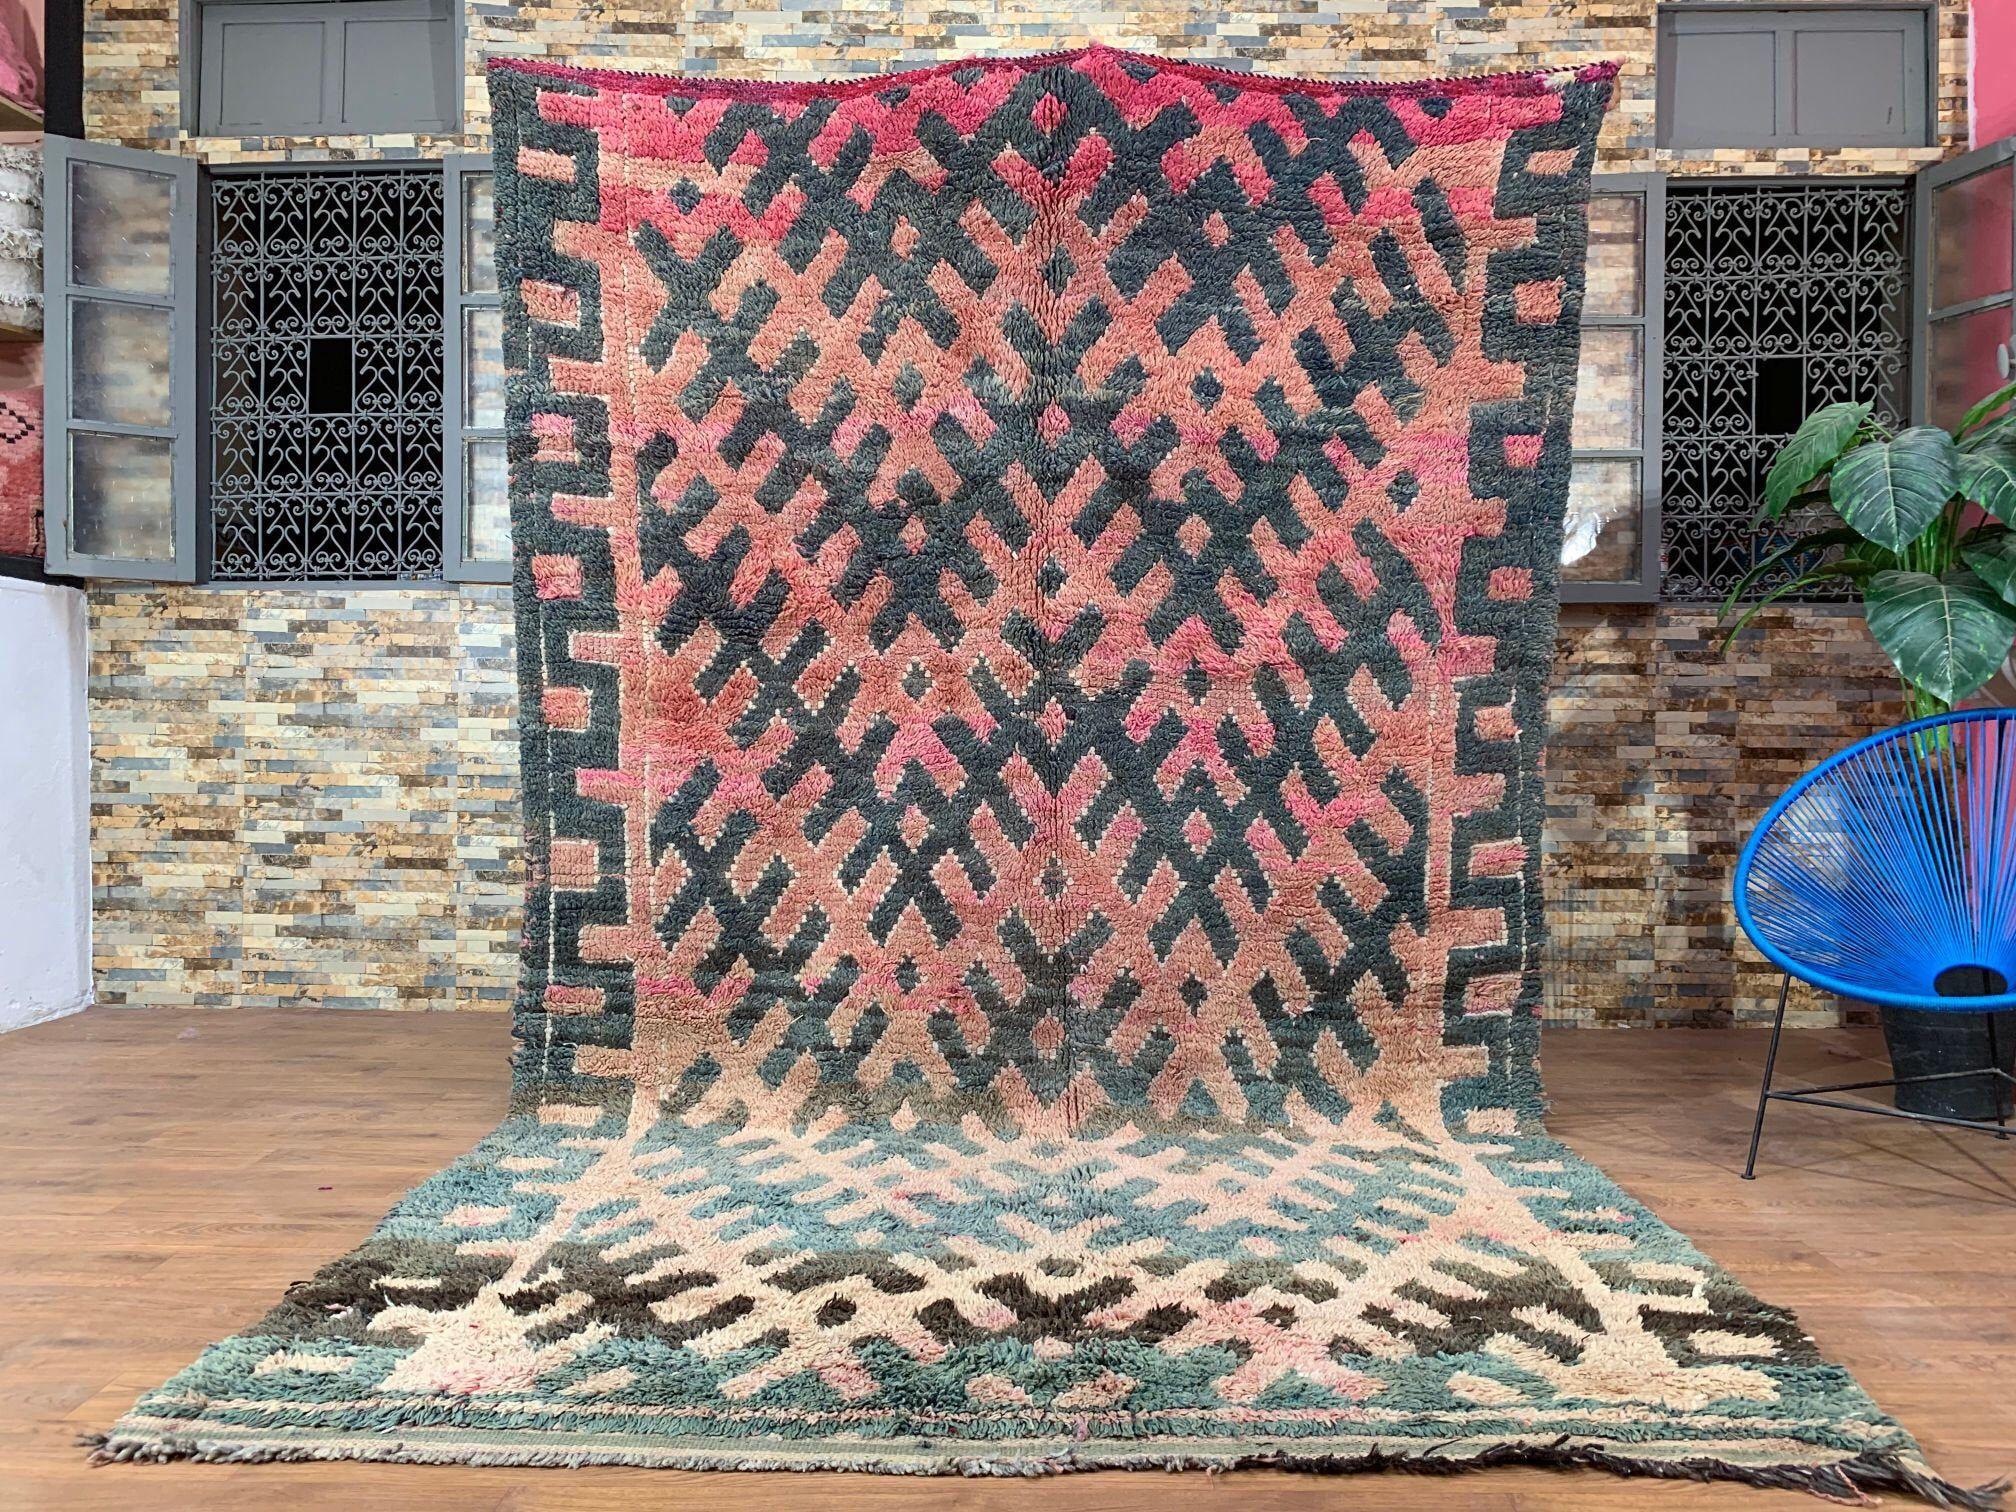 6 5ft X 10 3ft Moroccan Rug Berber Vintage Wool Rug Rag Rugs Tribal Rug Handmade Rug Area Rug Bou Vintage Moroccan Rugs Vintage Moroccan Vintage Wool Rug